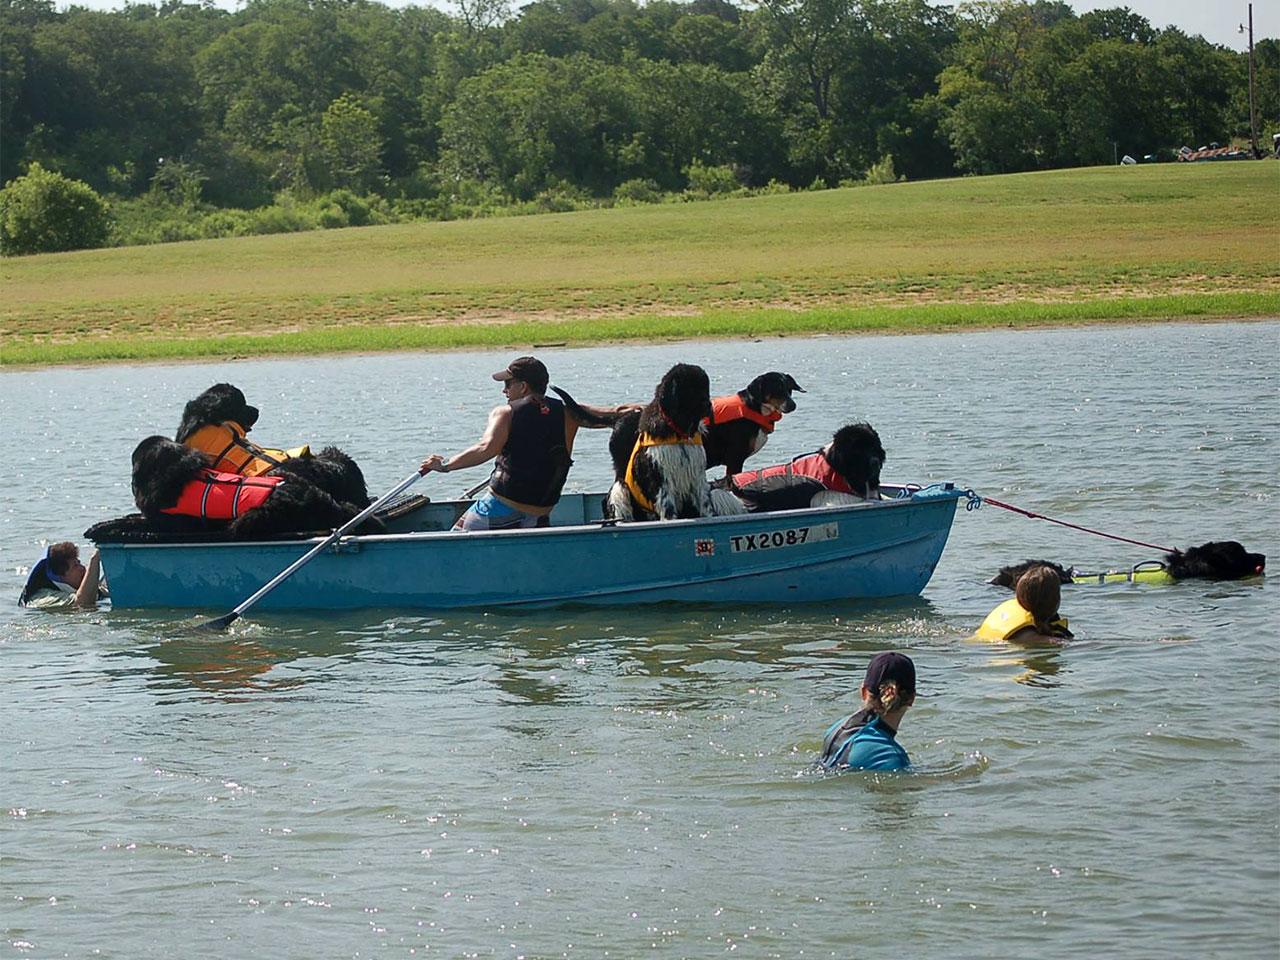 Water seminar - boat pull